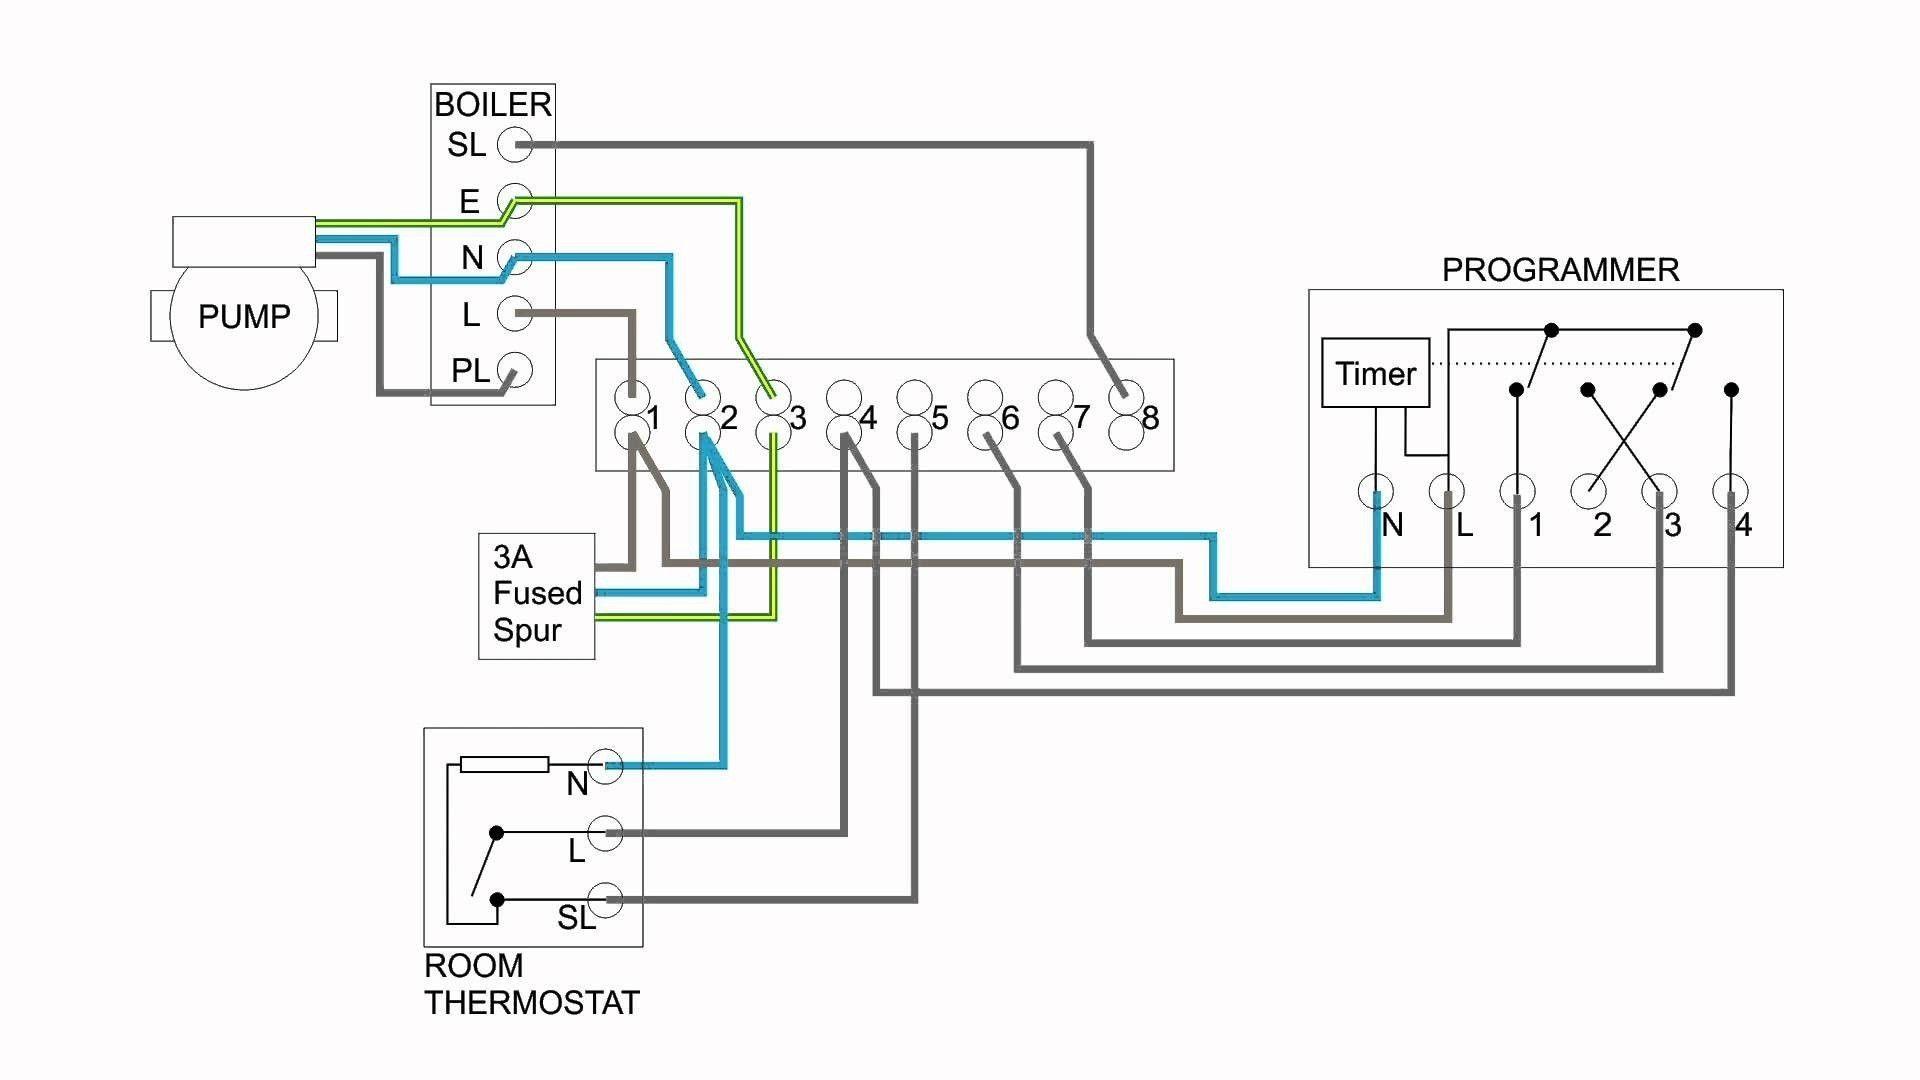 Unique Combi Boiler Programmer Wiring Diagram En 2020 Termostato Combi Ahorrar Dinero